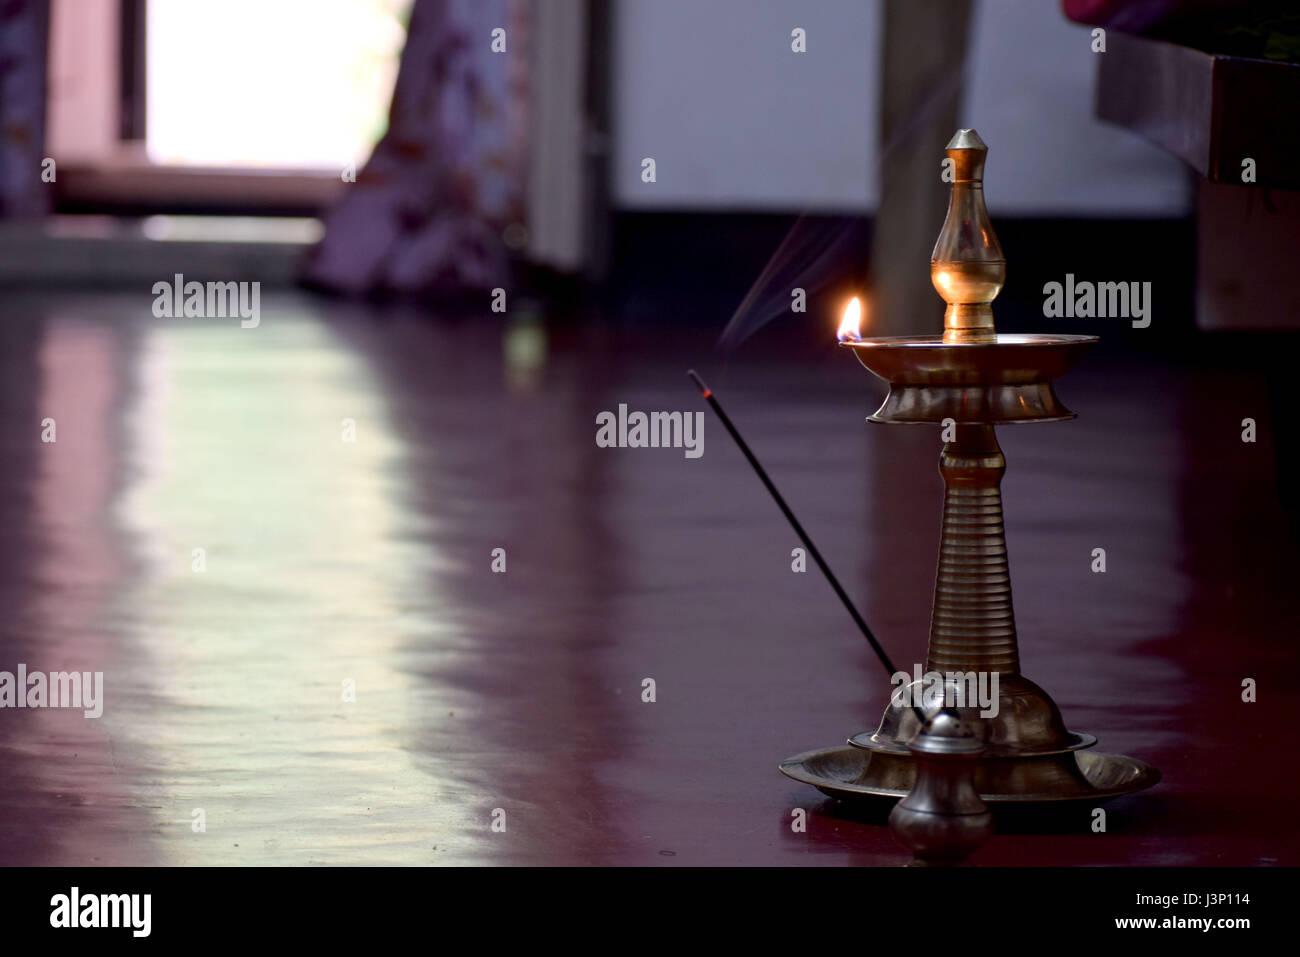 Persone in India utilizzato per l'illuminazione della lampada tutti i giorni di mattina e sera nella devozione Immagini Stock